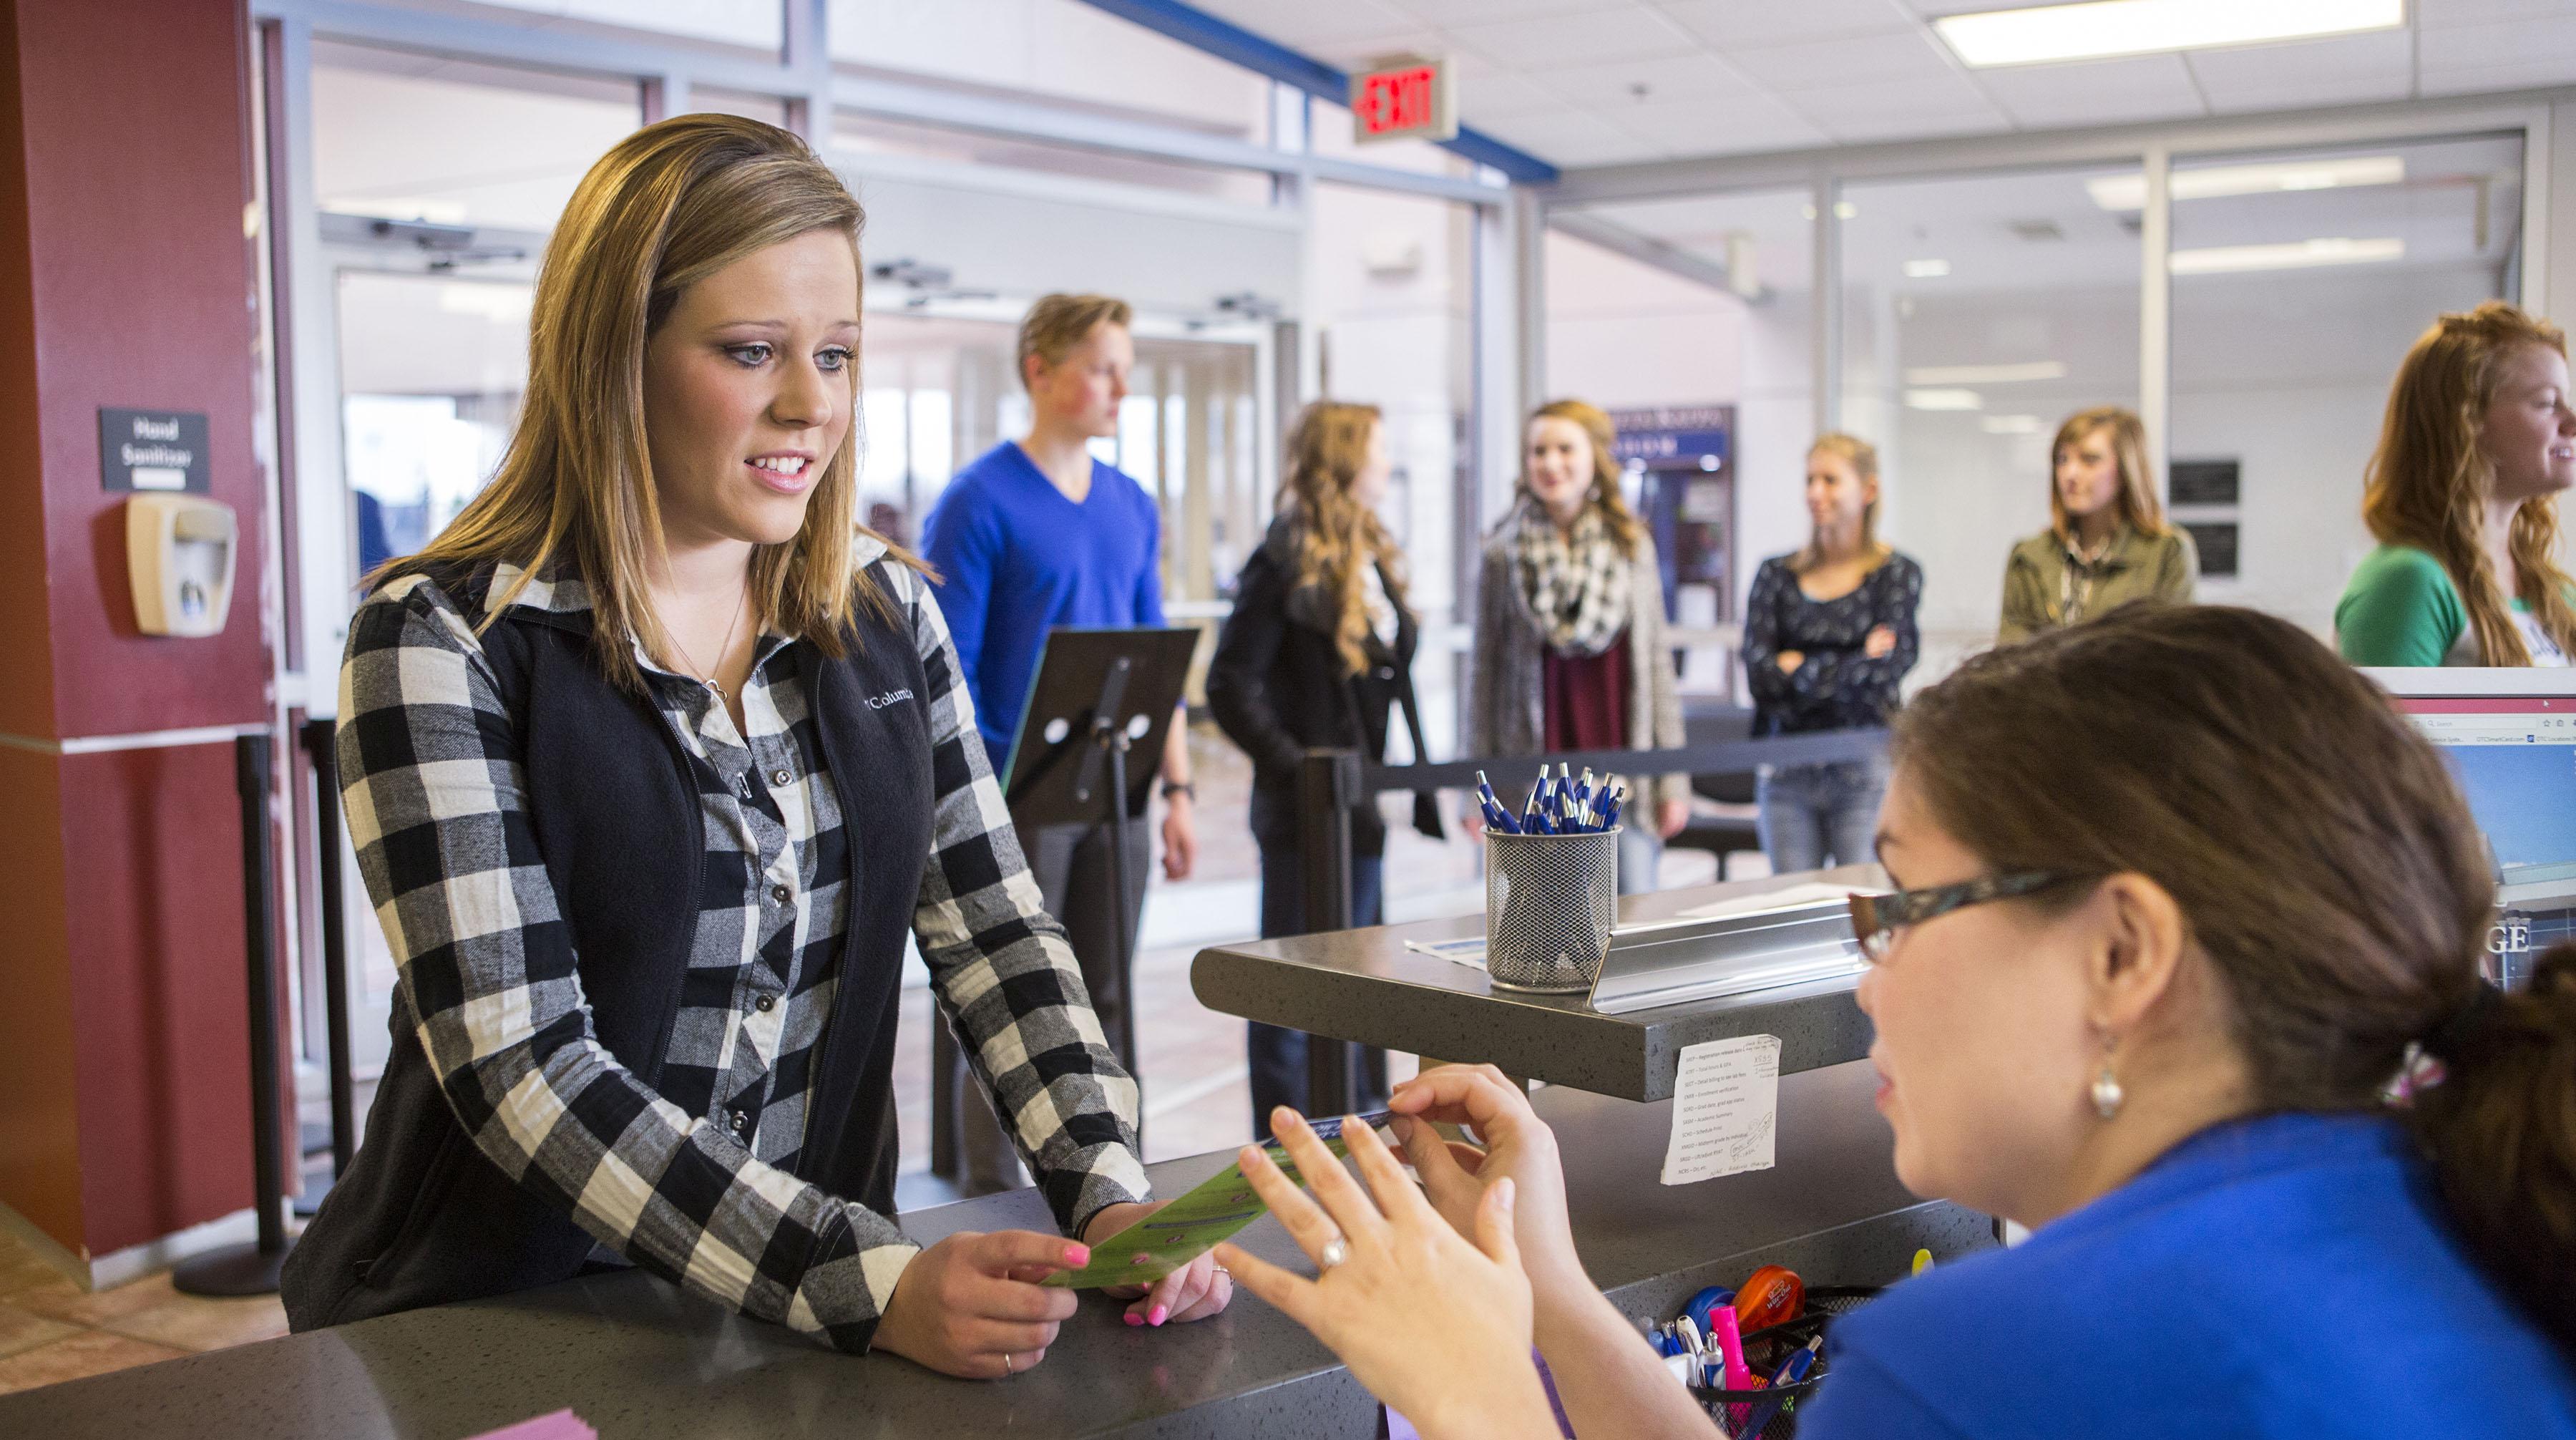 OTC student registering for classes